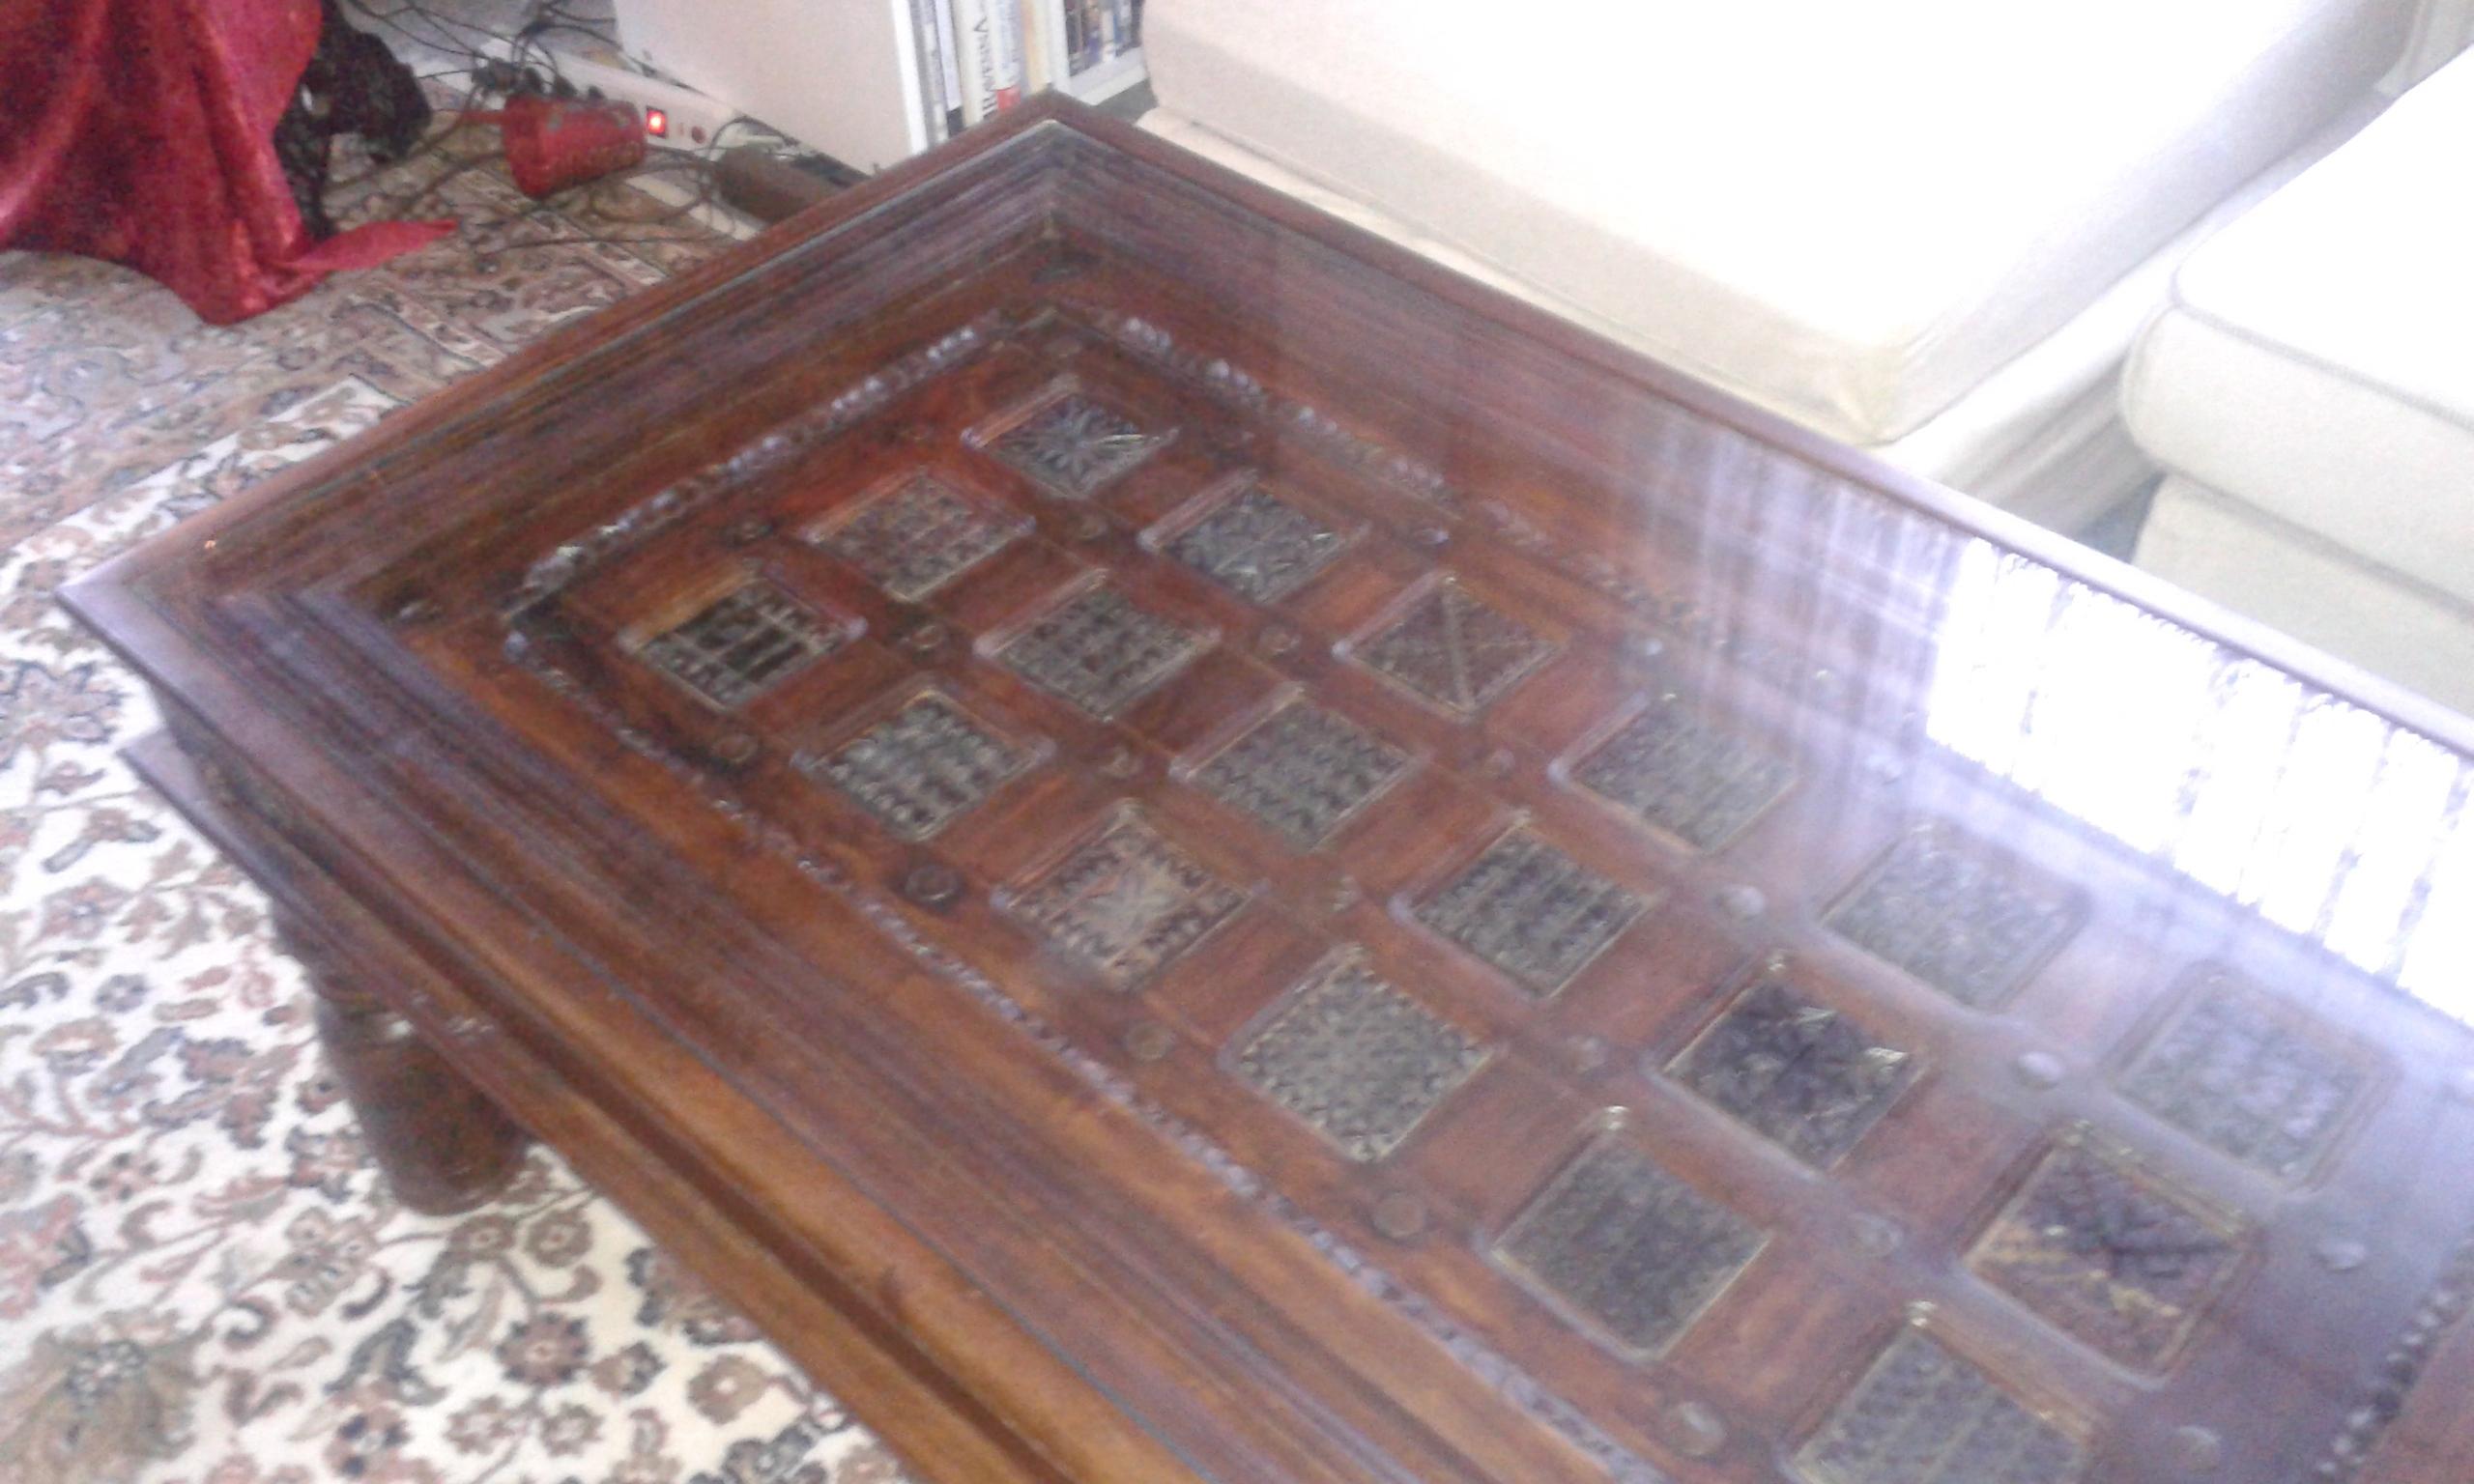 couchtisch wer weiss. Black Bedroom Furniture Sets. Home Design Ideas